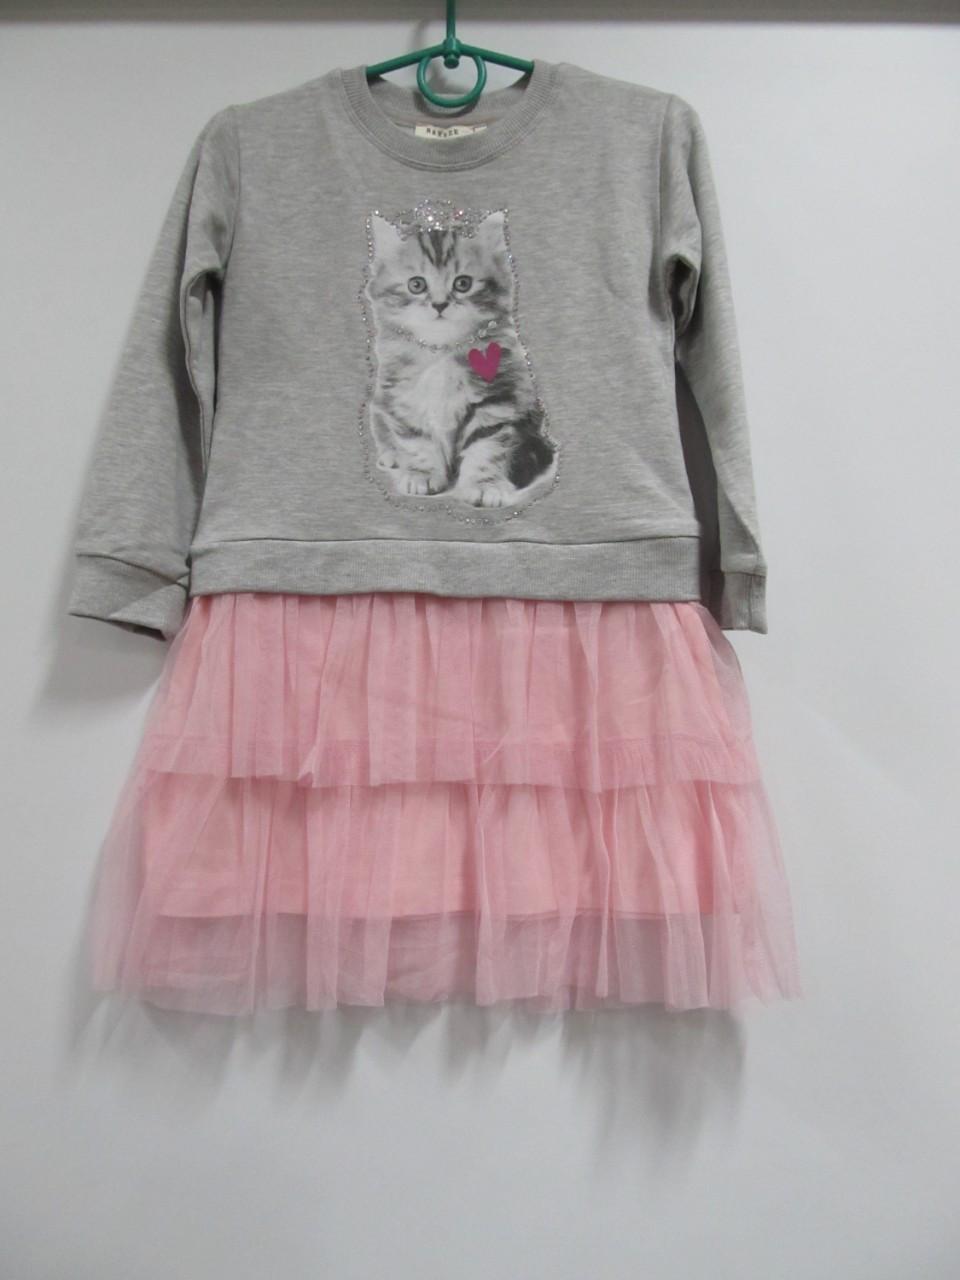 Нарядное платье с фатиновой юбкой для девочки, пудра - серий , 98, 104, BREEZE Турция